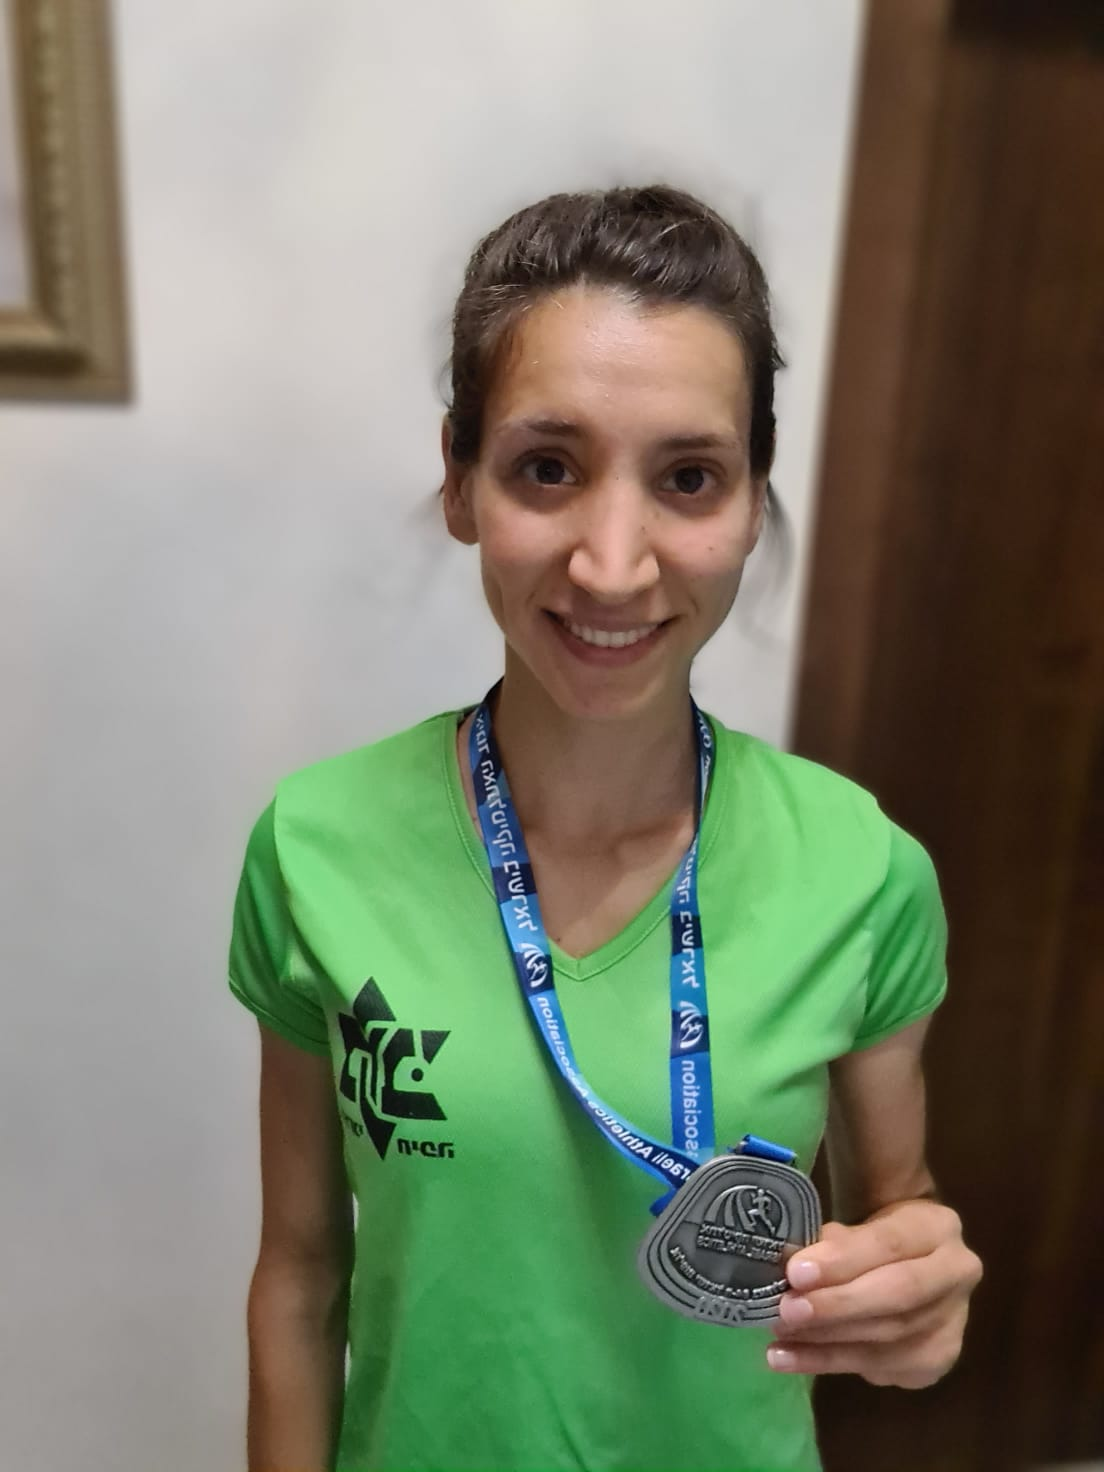 כרואן חלבי- סגנית אלופת ישראל בריצת 5000. תמונה: אגודת מכבי חיפה כרמל